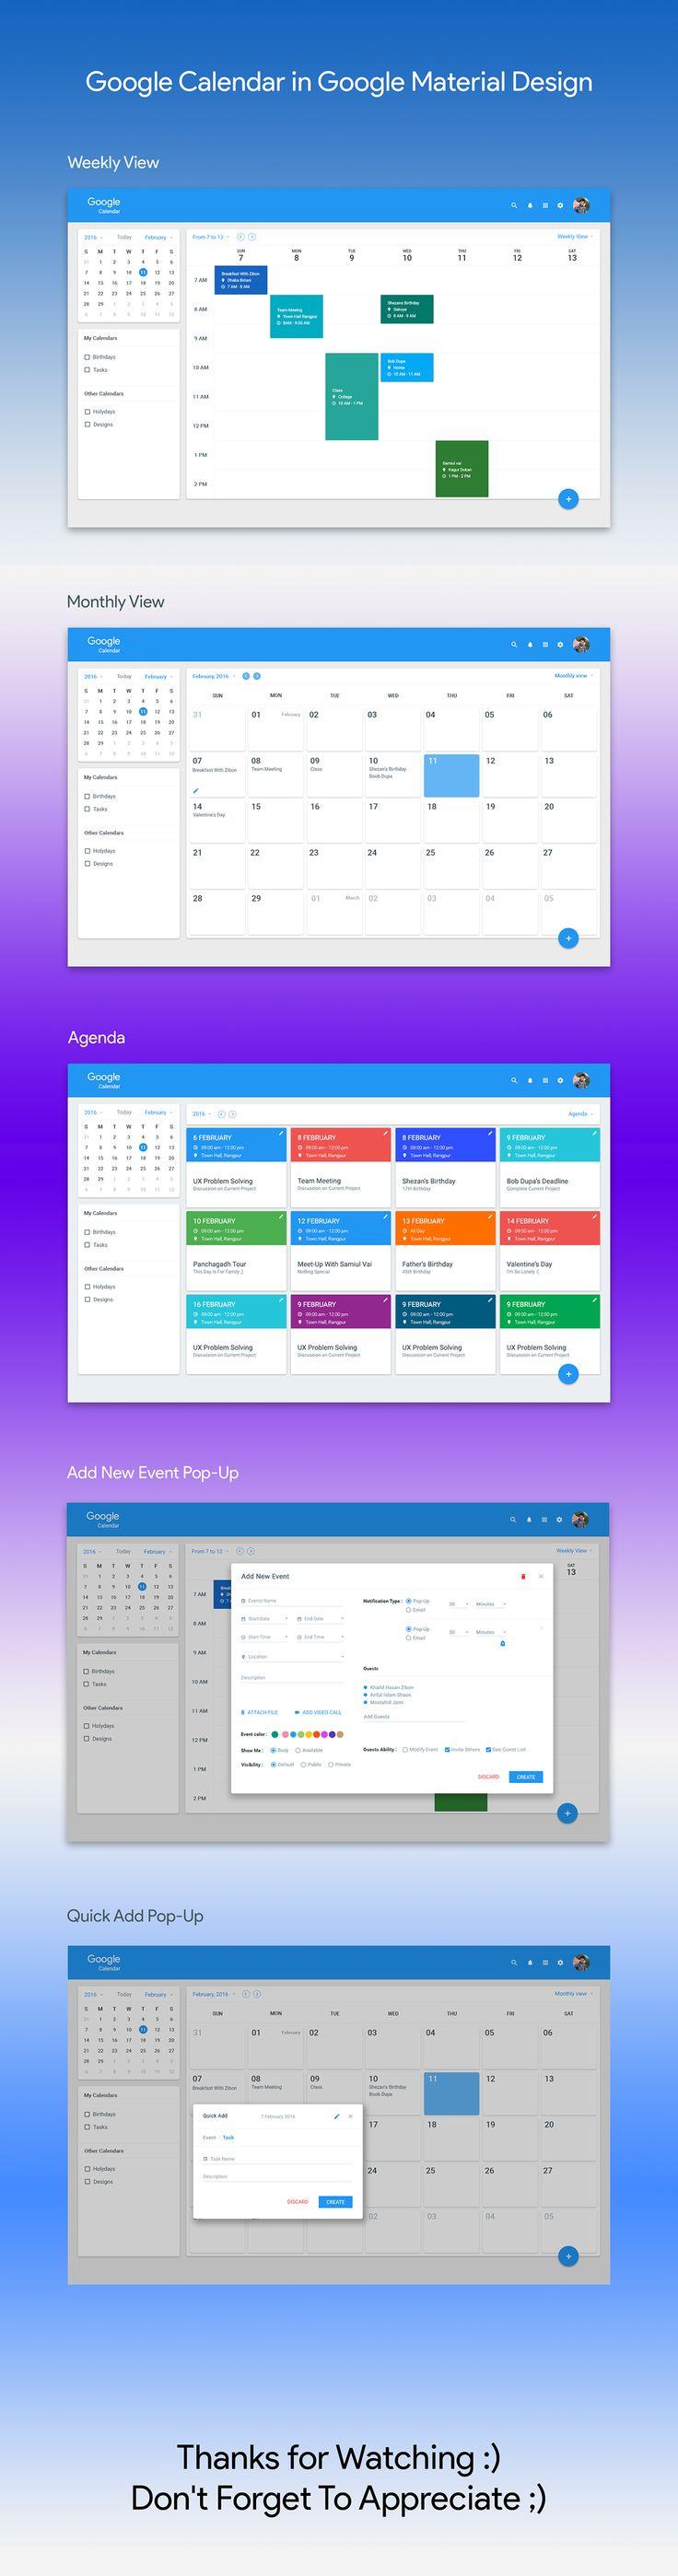 Google Calendar Design : Best web design ui ux images on pinterest